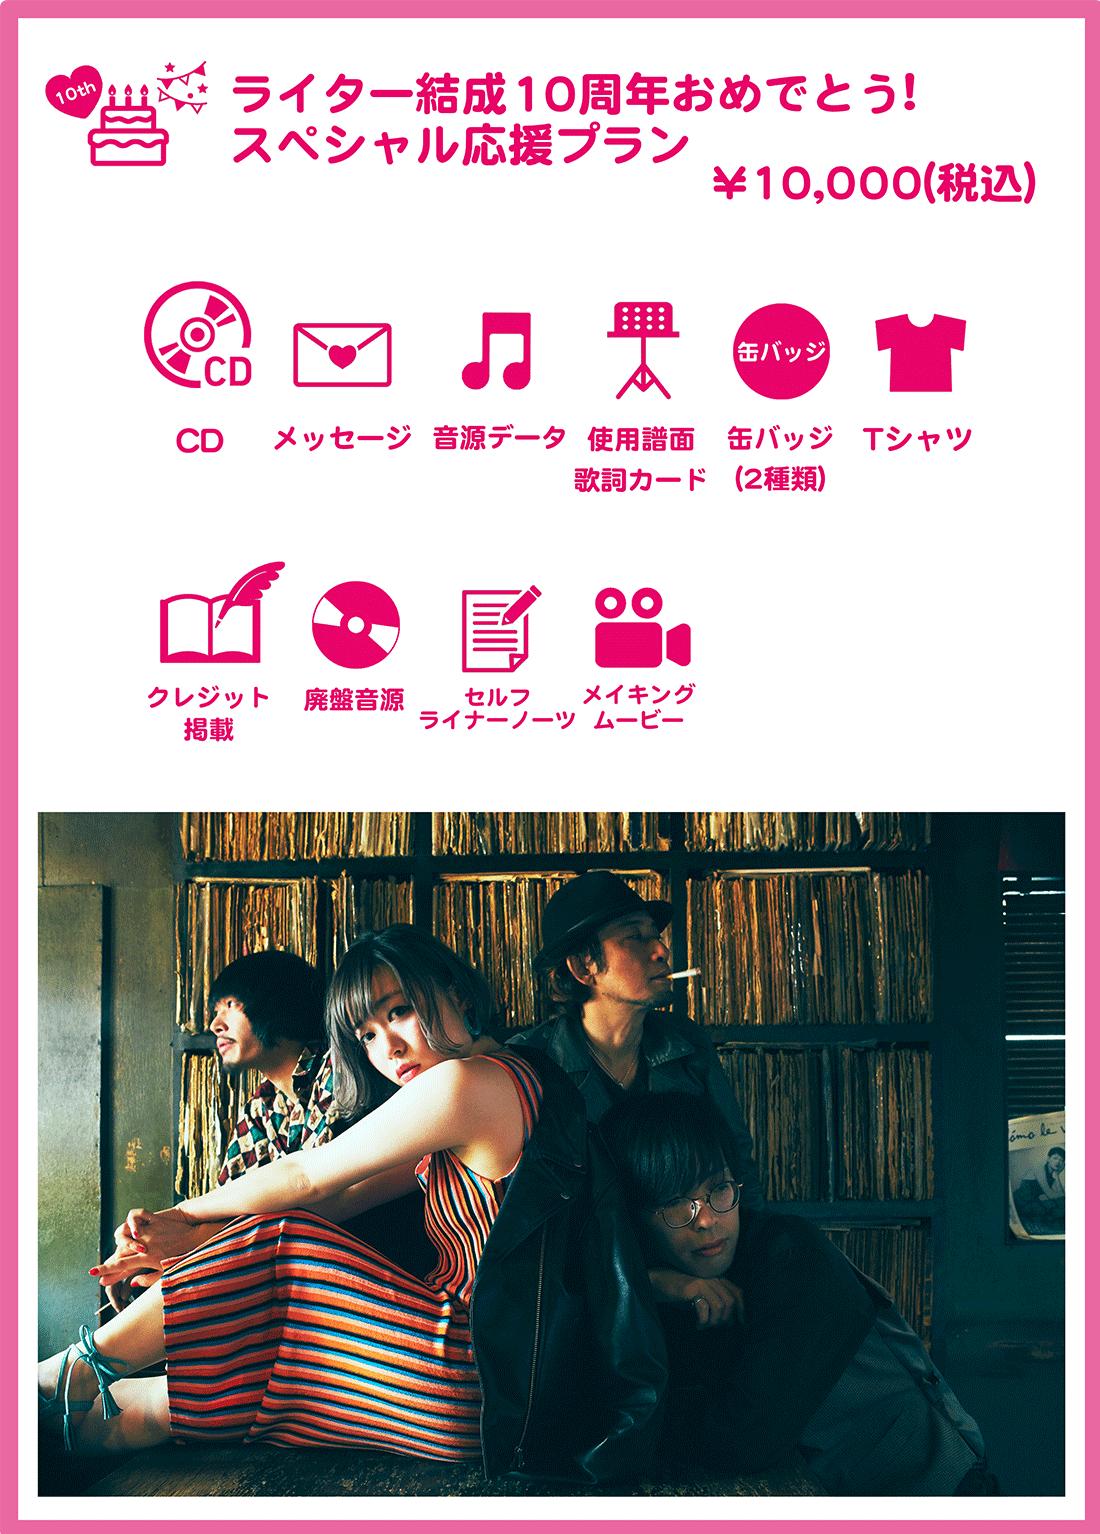 <ライター結成10周年おめでとう!スペシャル応援プラン>